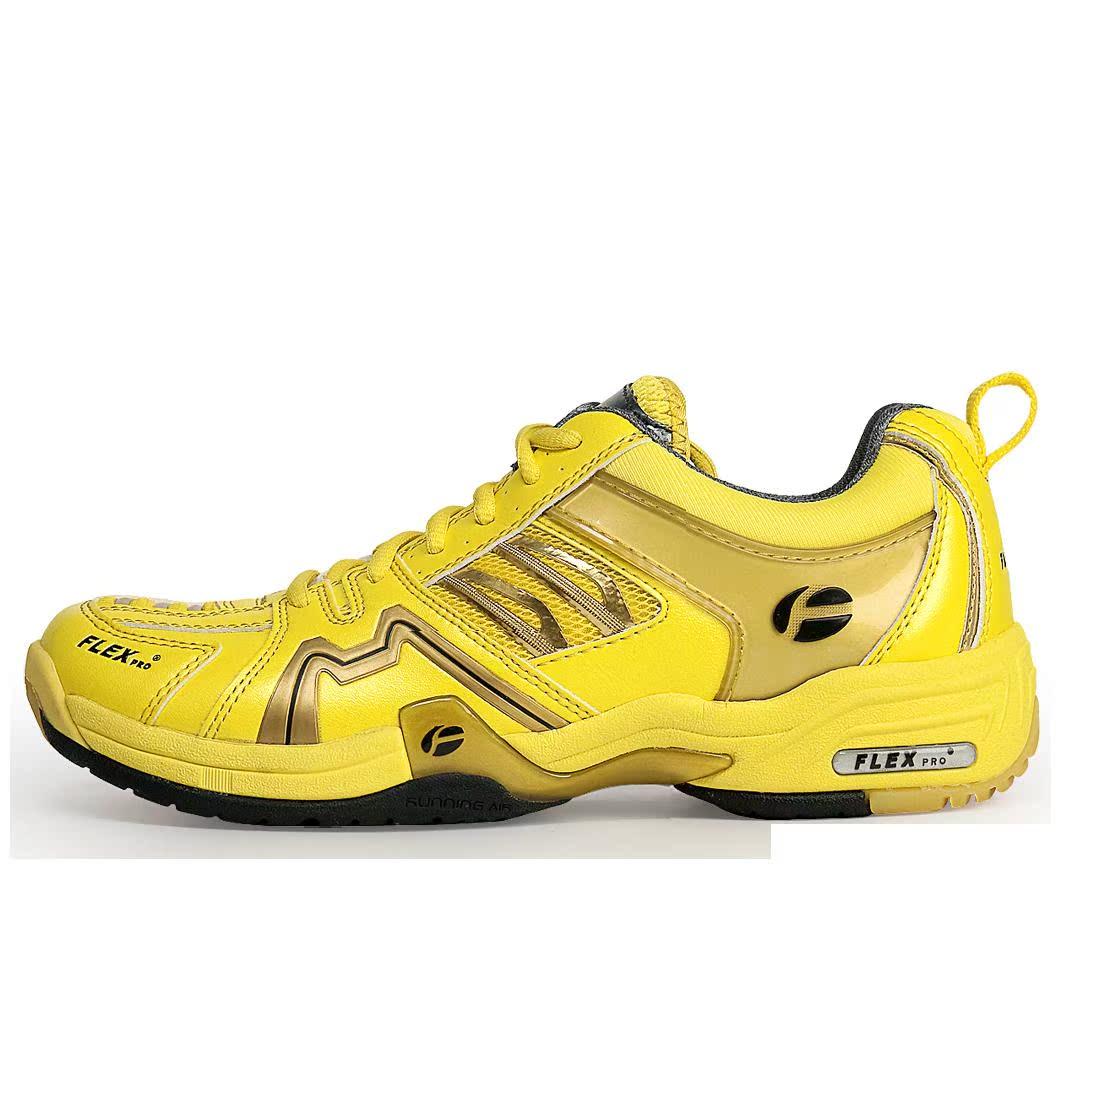 黄色运动鞋 正品佛雷斯 专业羽毛球鞋 男鞋女鞋 FLEX黄色宽楦运动鞋 FB-920B+_推荐淘宝好看的黄色运动鞋